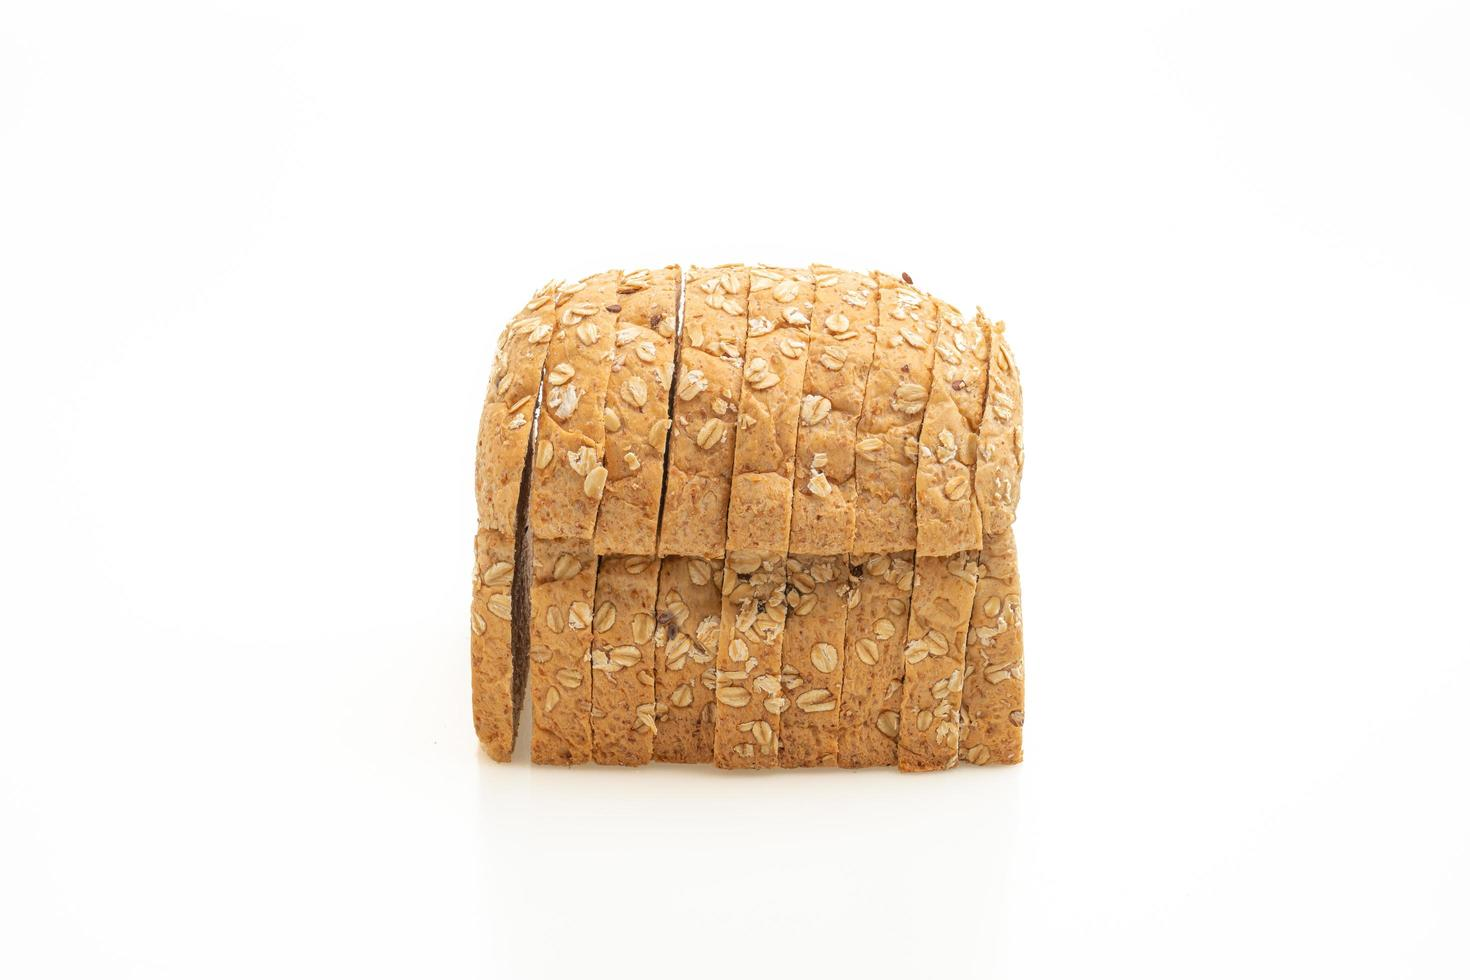 gesneden volkoren brood geïsoleerd op een witte achtergrond foto